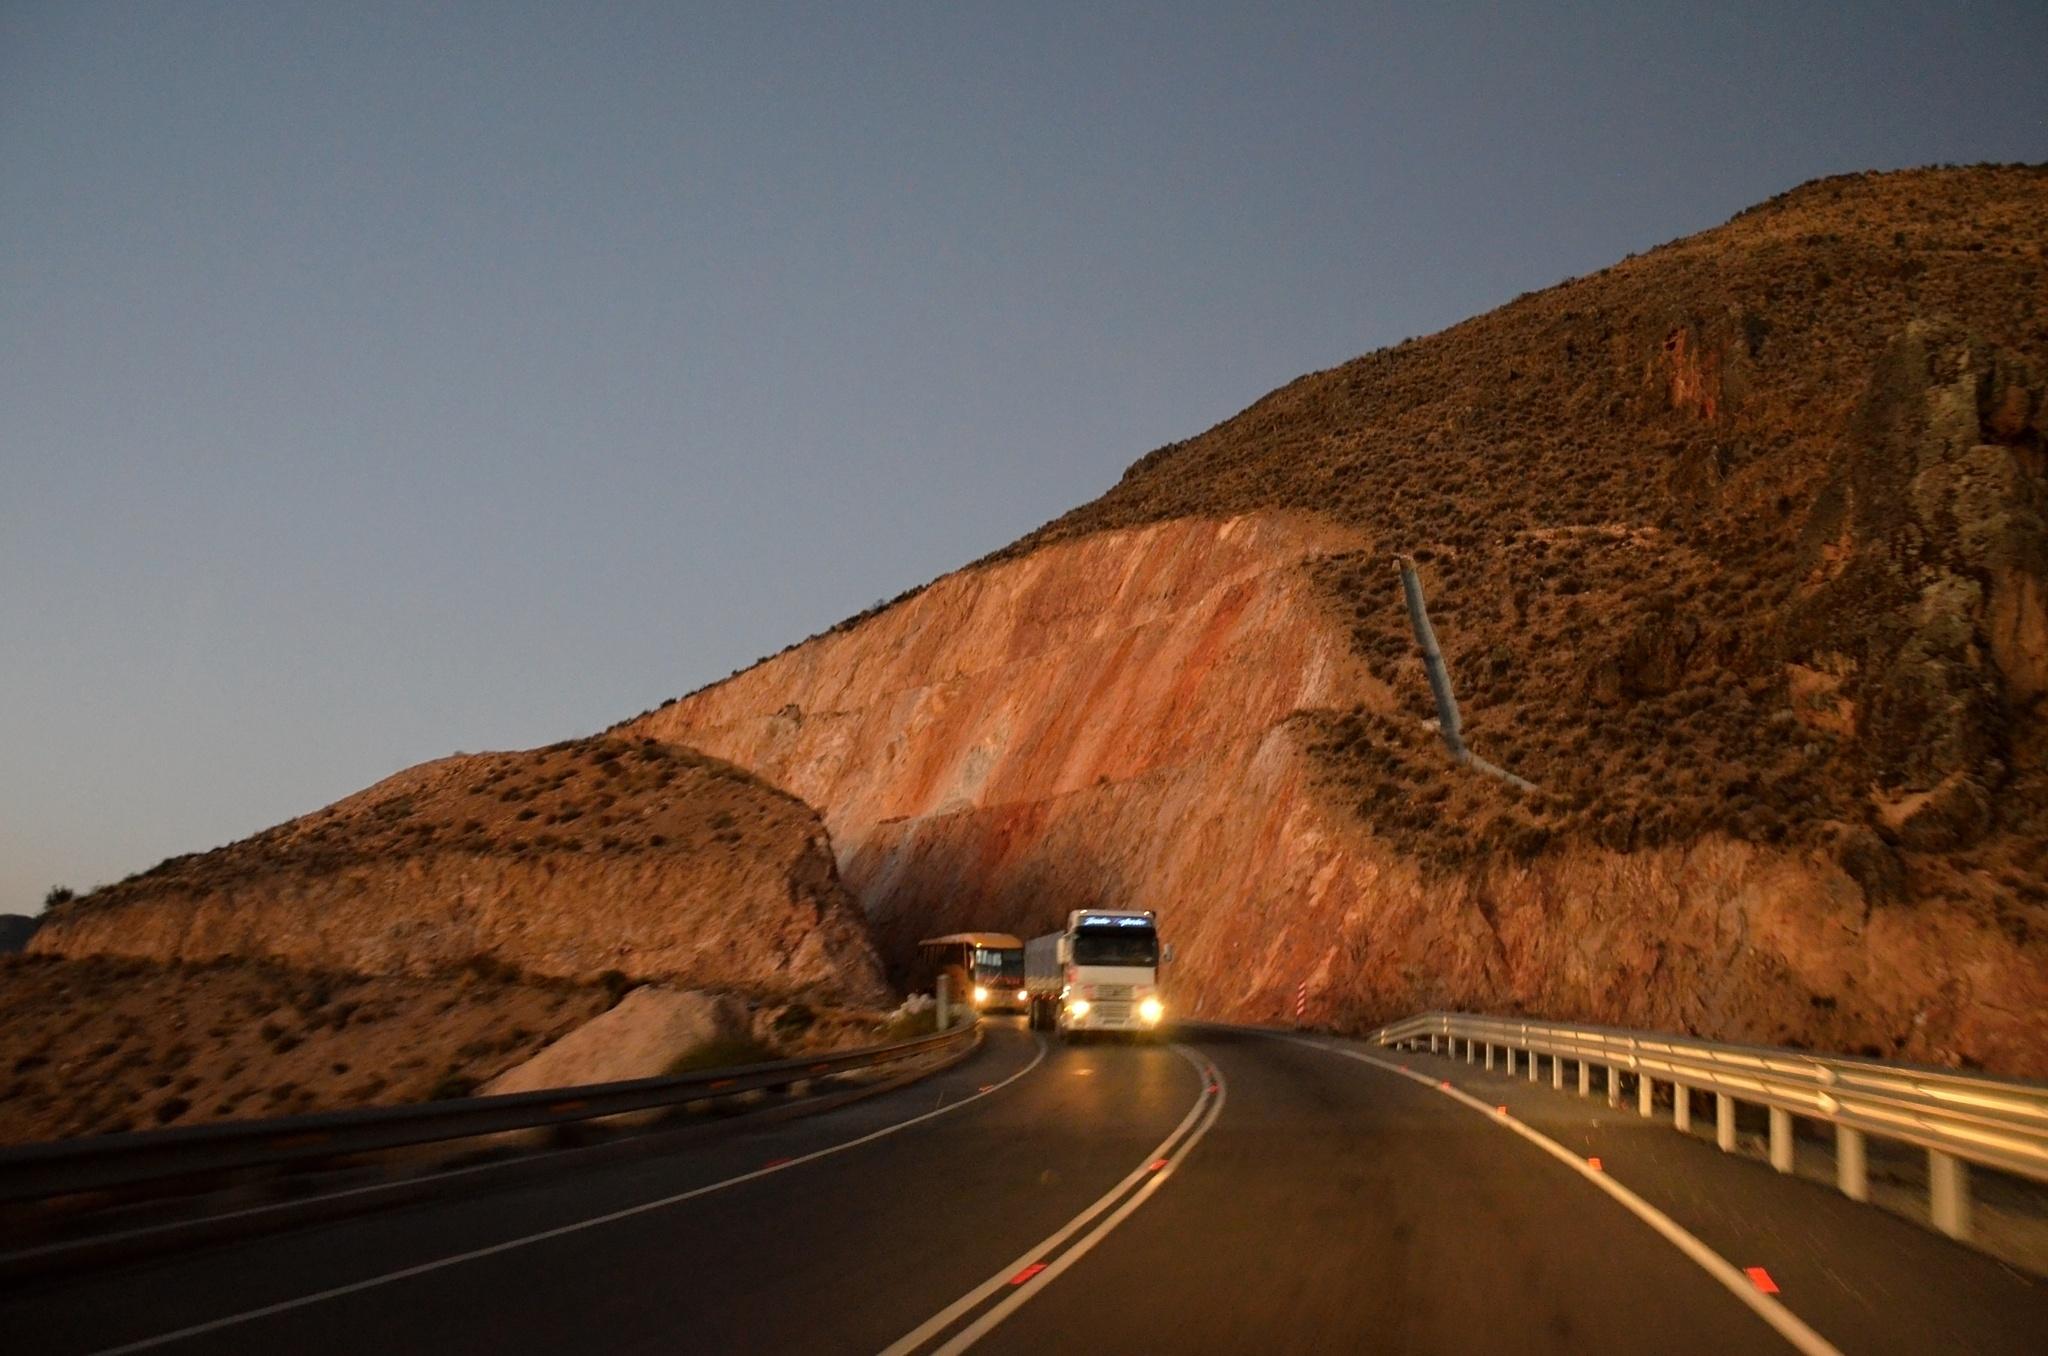 Kvůli silnici vyříznou cestu skrz horu